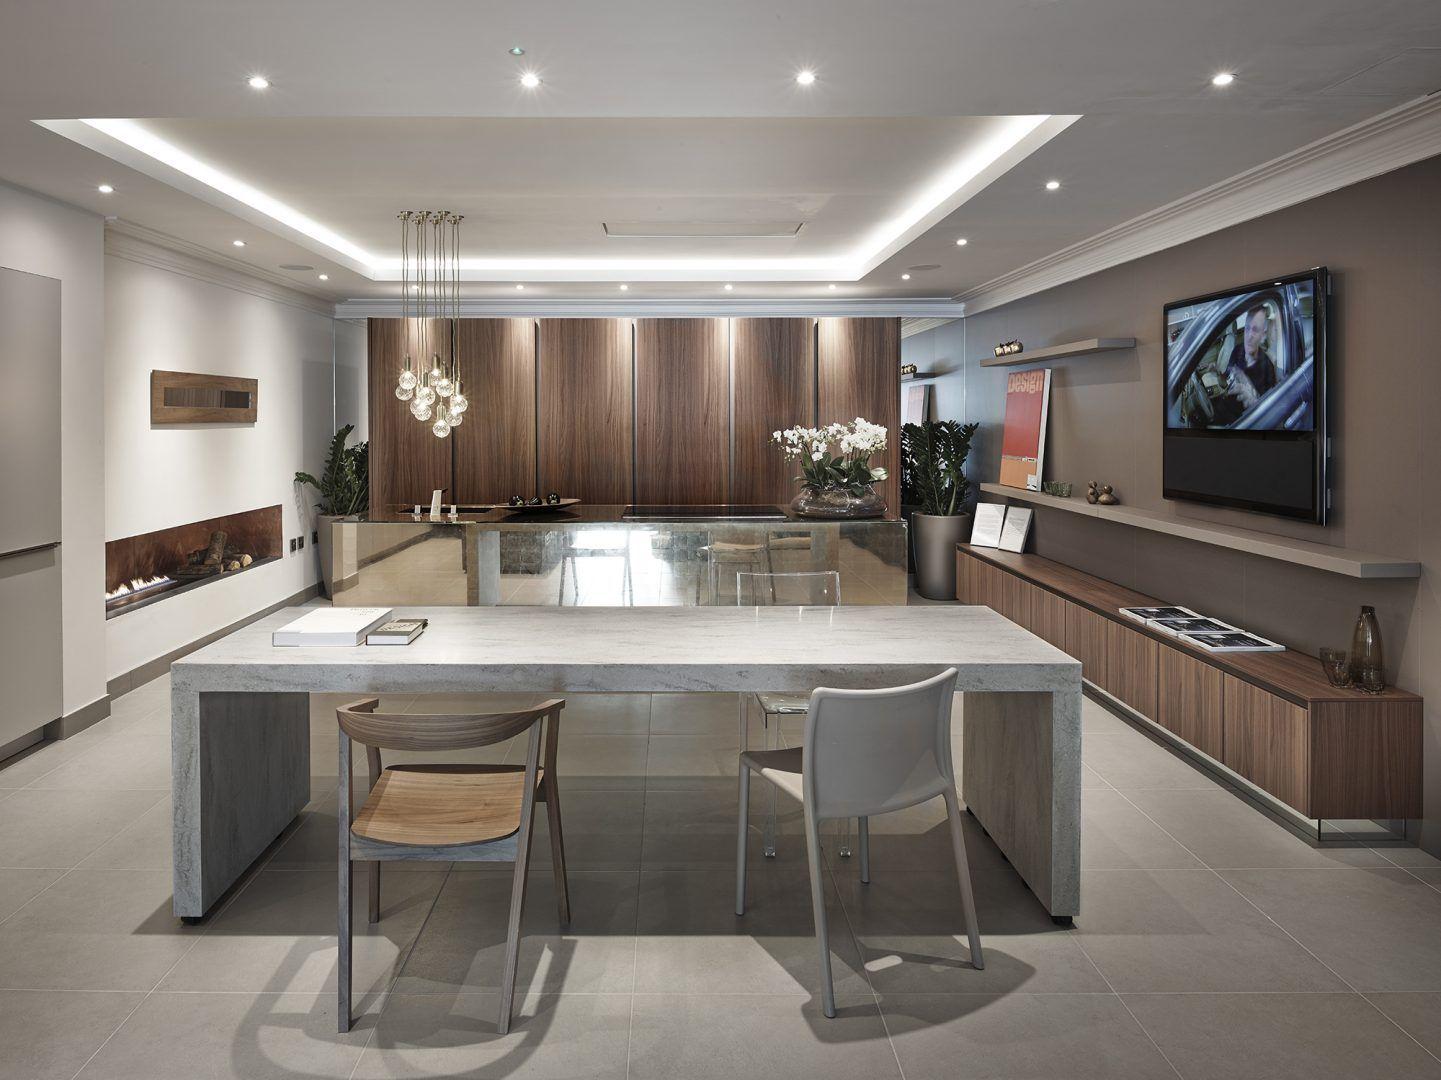 Groß Küchen Nach Design Leeds Bewertungen Ideen - Küchen Design ...